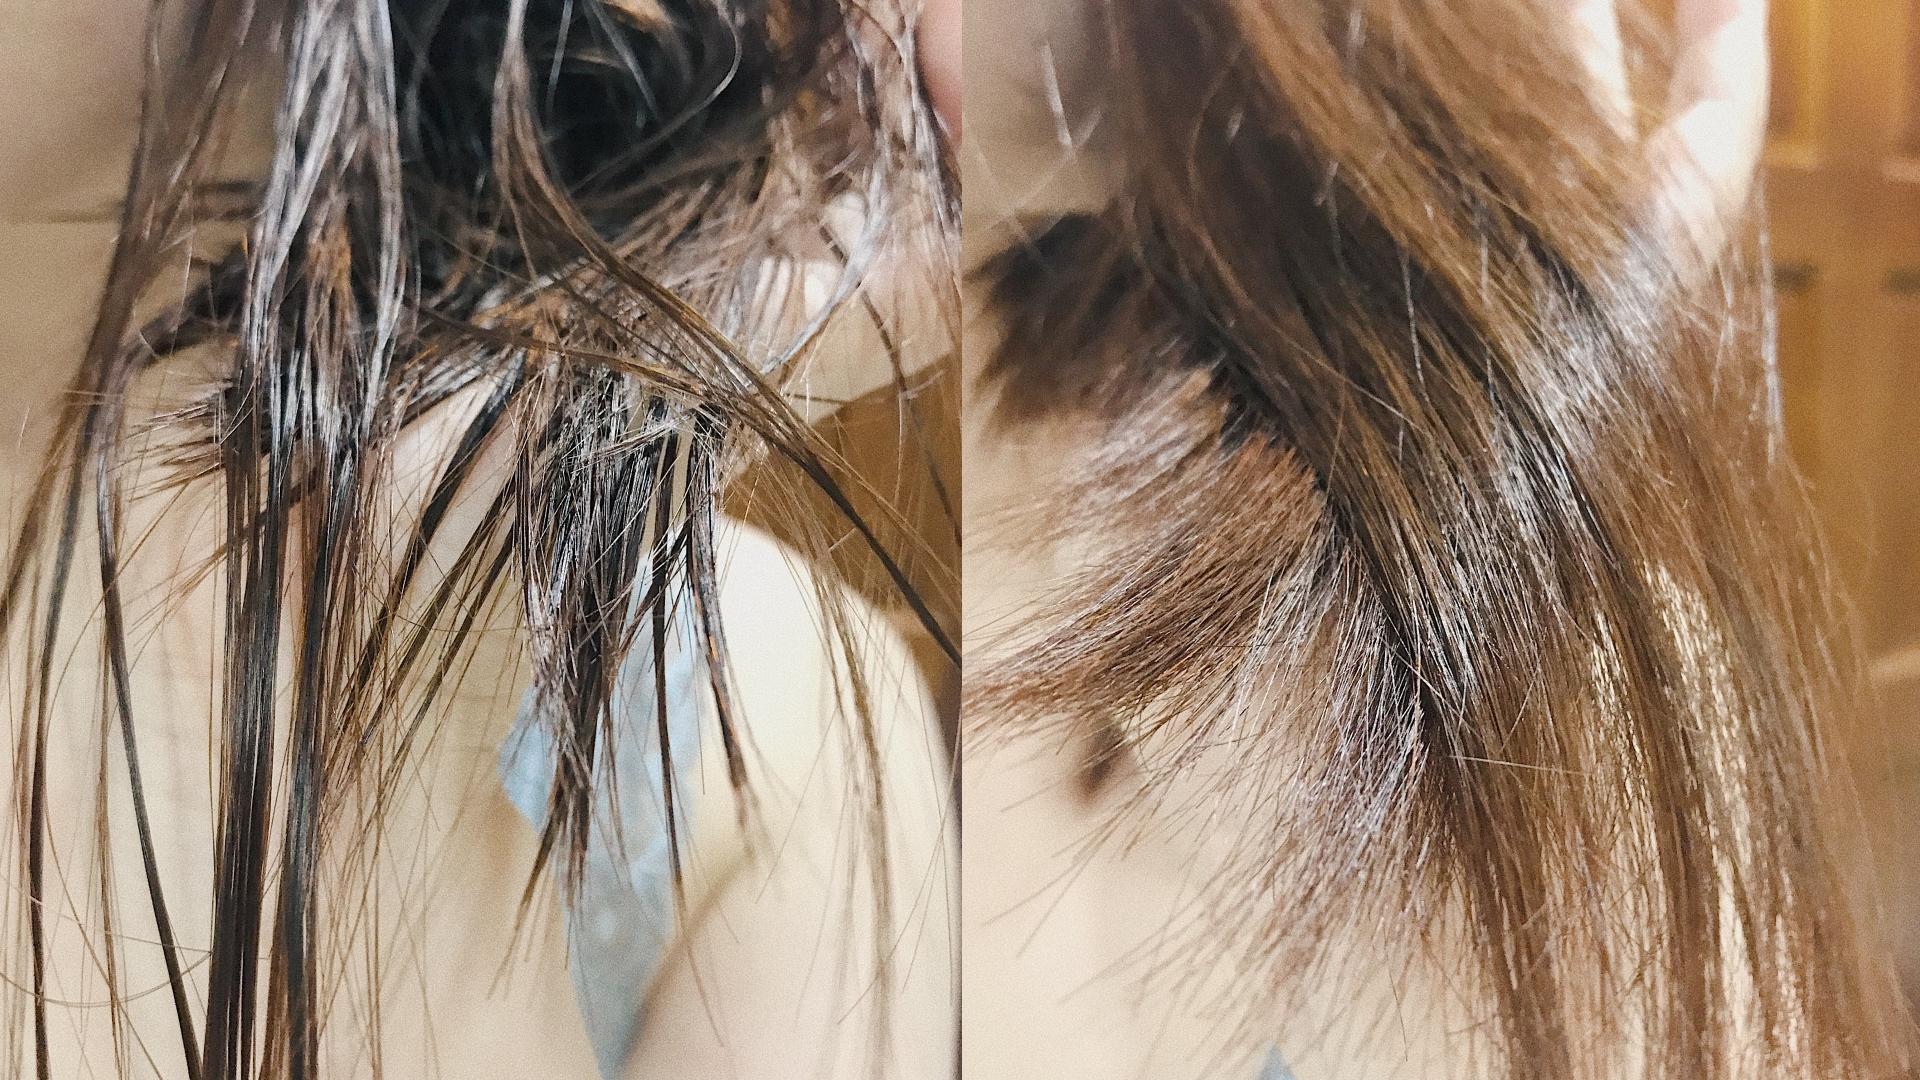 雖然吹髮過程容易有點糾結,但是吹完的光澤感很棒!